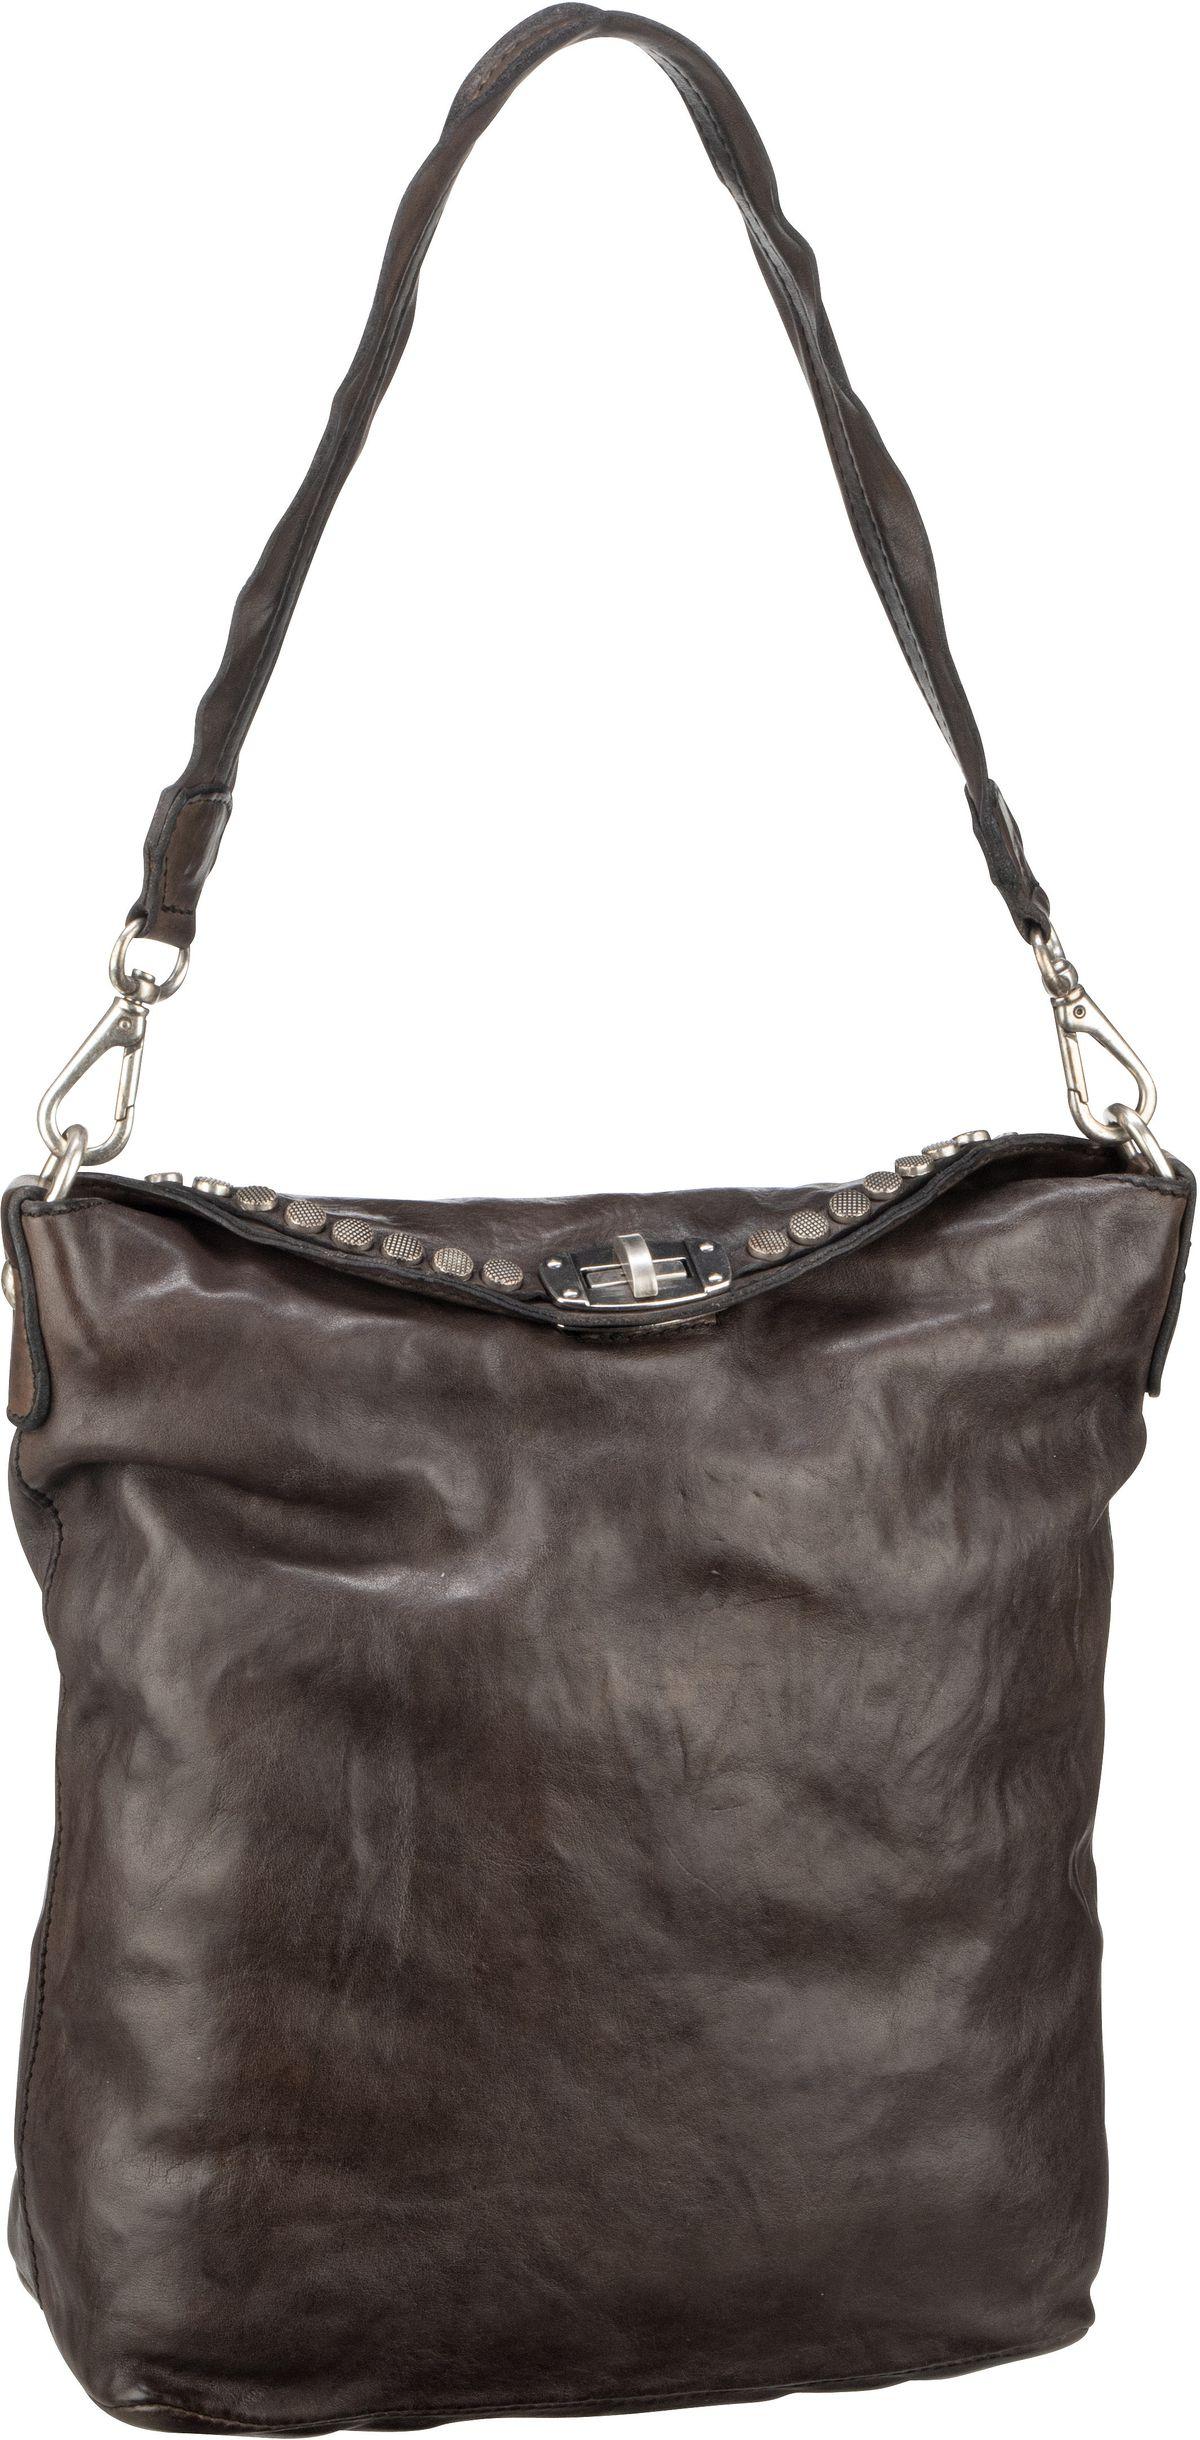 Handtasche Artemide C16790 Grigio